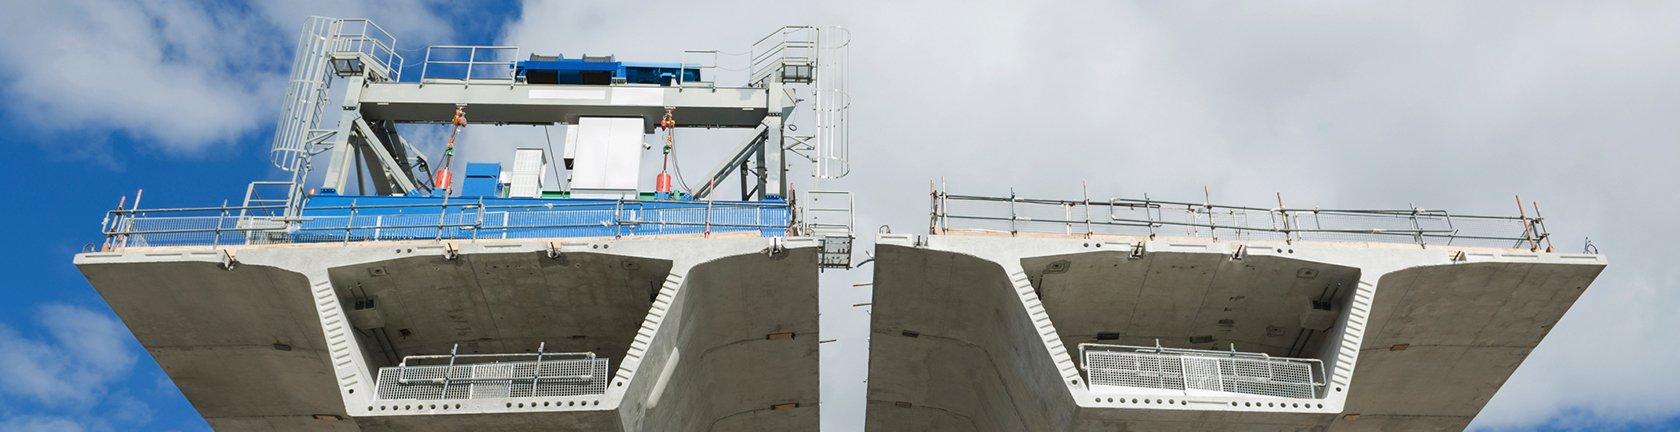 vista frontale di un cantiere navale